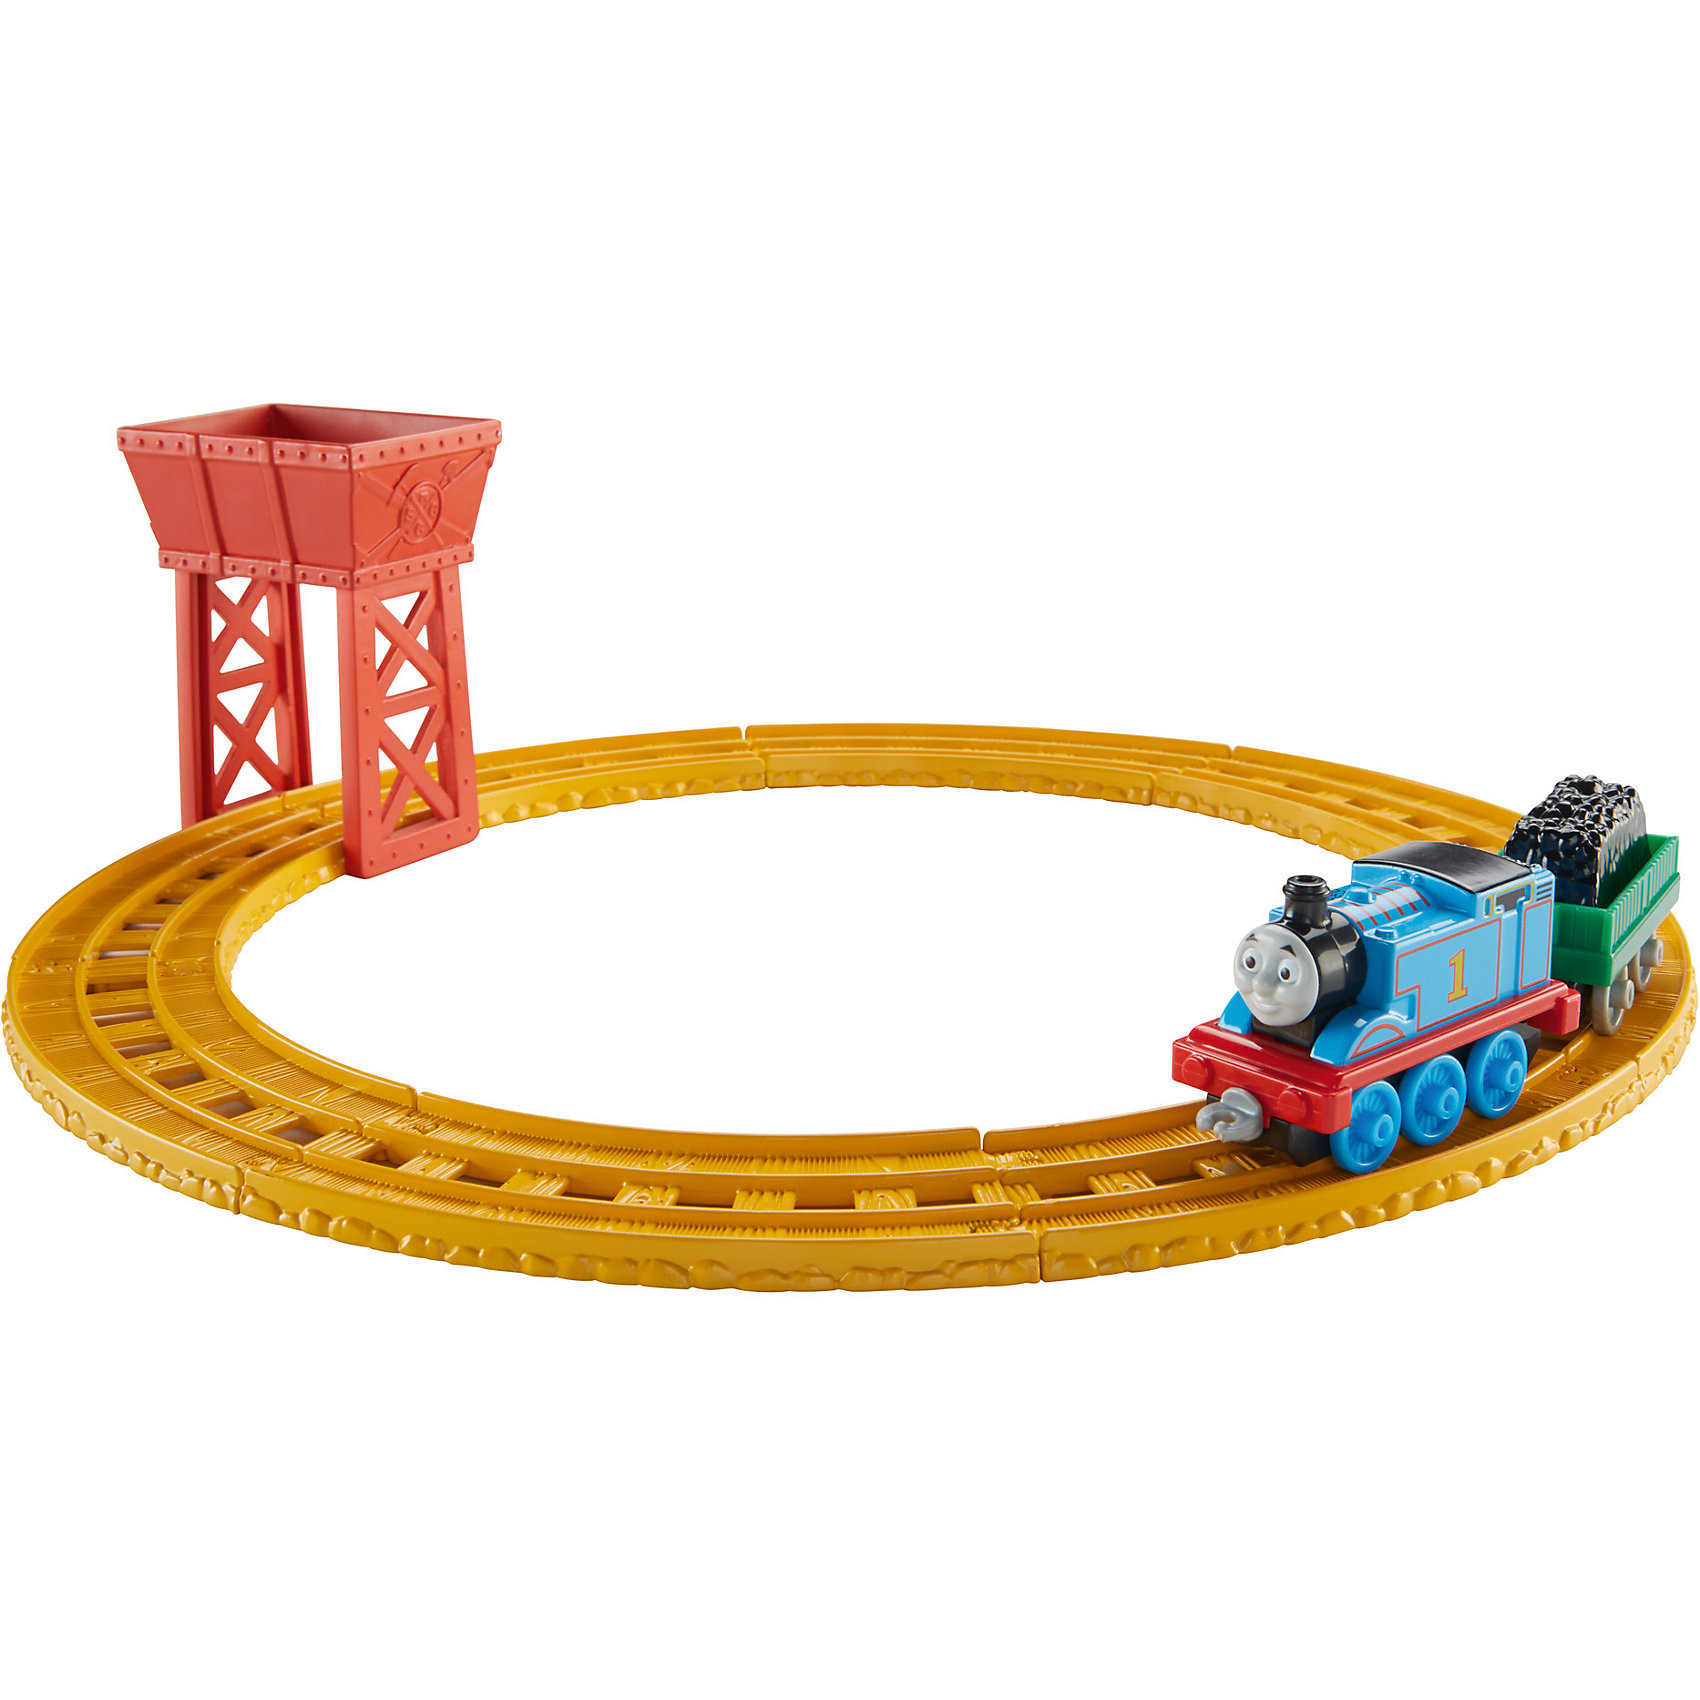 Базовый игровой набор, Томас и его друзьяИгрушечная железная дорога<br>Базовый игровой набор - классический вариант железной дороги для Томаса и его друзей. В магазине представлено 3 варианта комплектации игрушки. Выберете свою! Каждый набор включает в себя коллекционный игрушечный паровозик и свою собственную станцию. В любой комплектации есть базовый вариант железной дороги. Для ее расширения стоит посмотреть дополнения к железной дороге. С новыми игрушками малыша будет очень сложно оторвать от столь увлекательного занятия! Материалы, использованные при изготовлении игрушек, сертифицированы, полностью безопасны для детей и отвечают всем требованиям по качеству.<br><br>Дополнительная информация:<br><br>цвет: разноцветный;<br>возраст: 3+;<br>материал: высококачественный пластик.<br><br>Базовый игровой набор «Томас и его друзья» от компании Mattel можно приобрести в нашем магазине<br><br>Ширина мм: 55<br>Глубина мм: 260<br>Высота мм: 160<br>Вес г: 256<br>Возраст от месяцев: 36<br>Возраст до месяцев: 120<br>Пол: Мужской<br>Возраст: Детский<br>SKU: 5004522